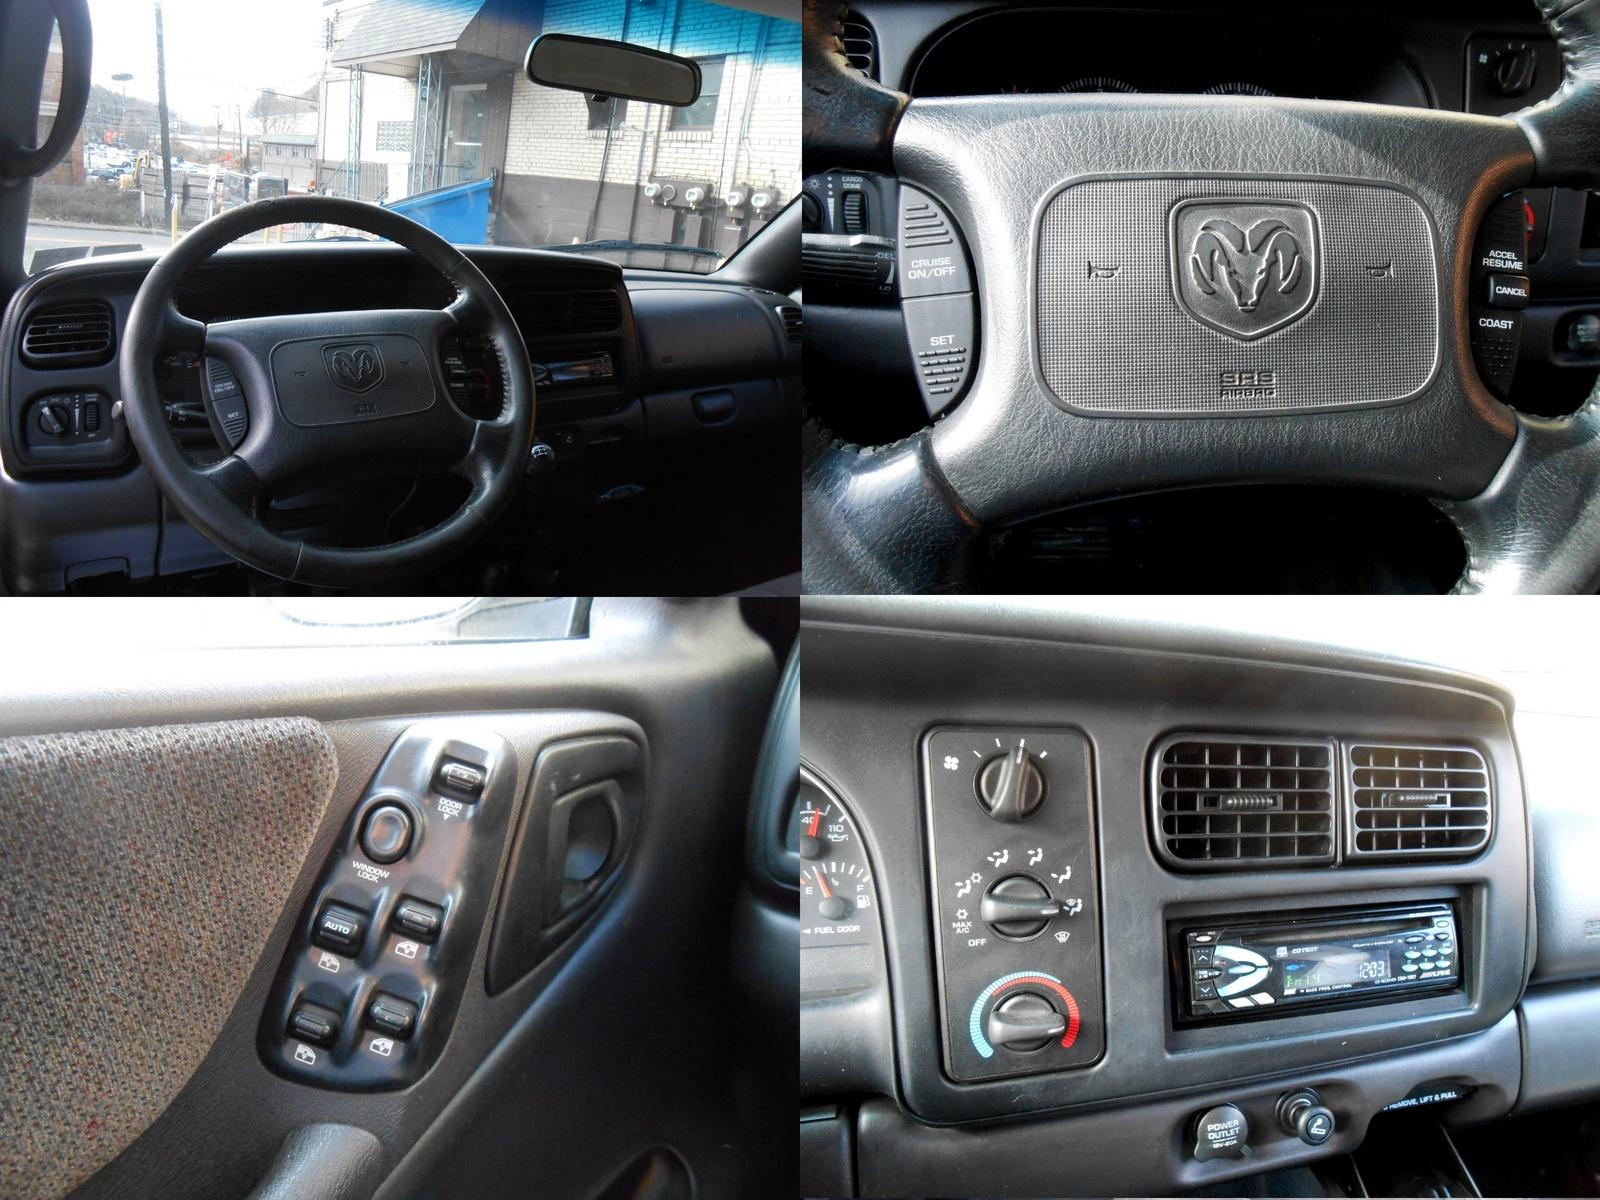 2000 Dodge Dakota - Pictures - CarGurus